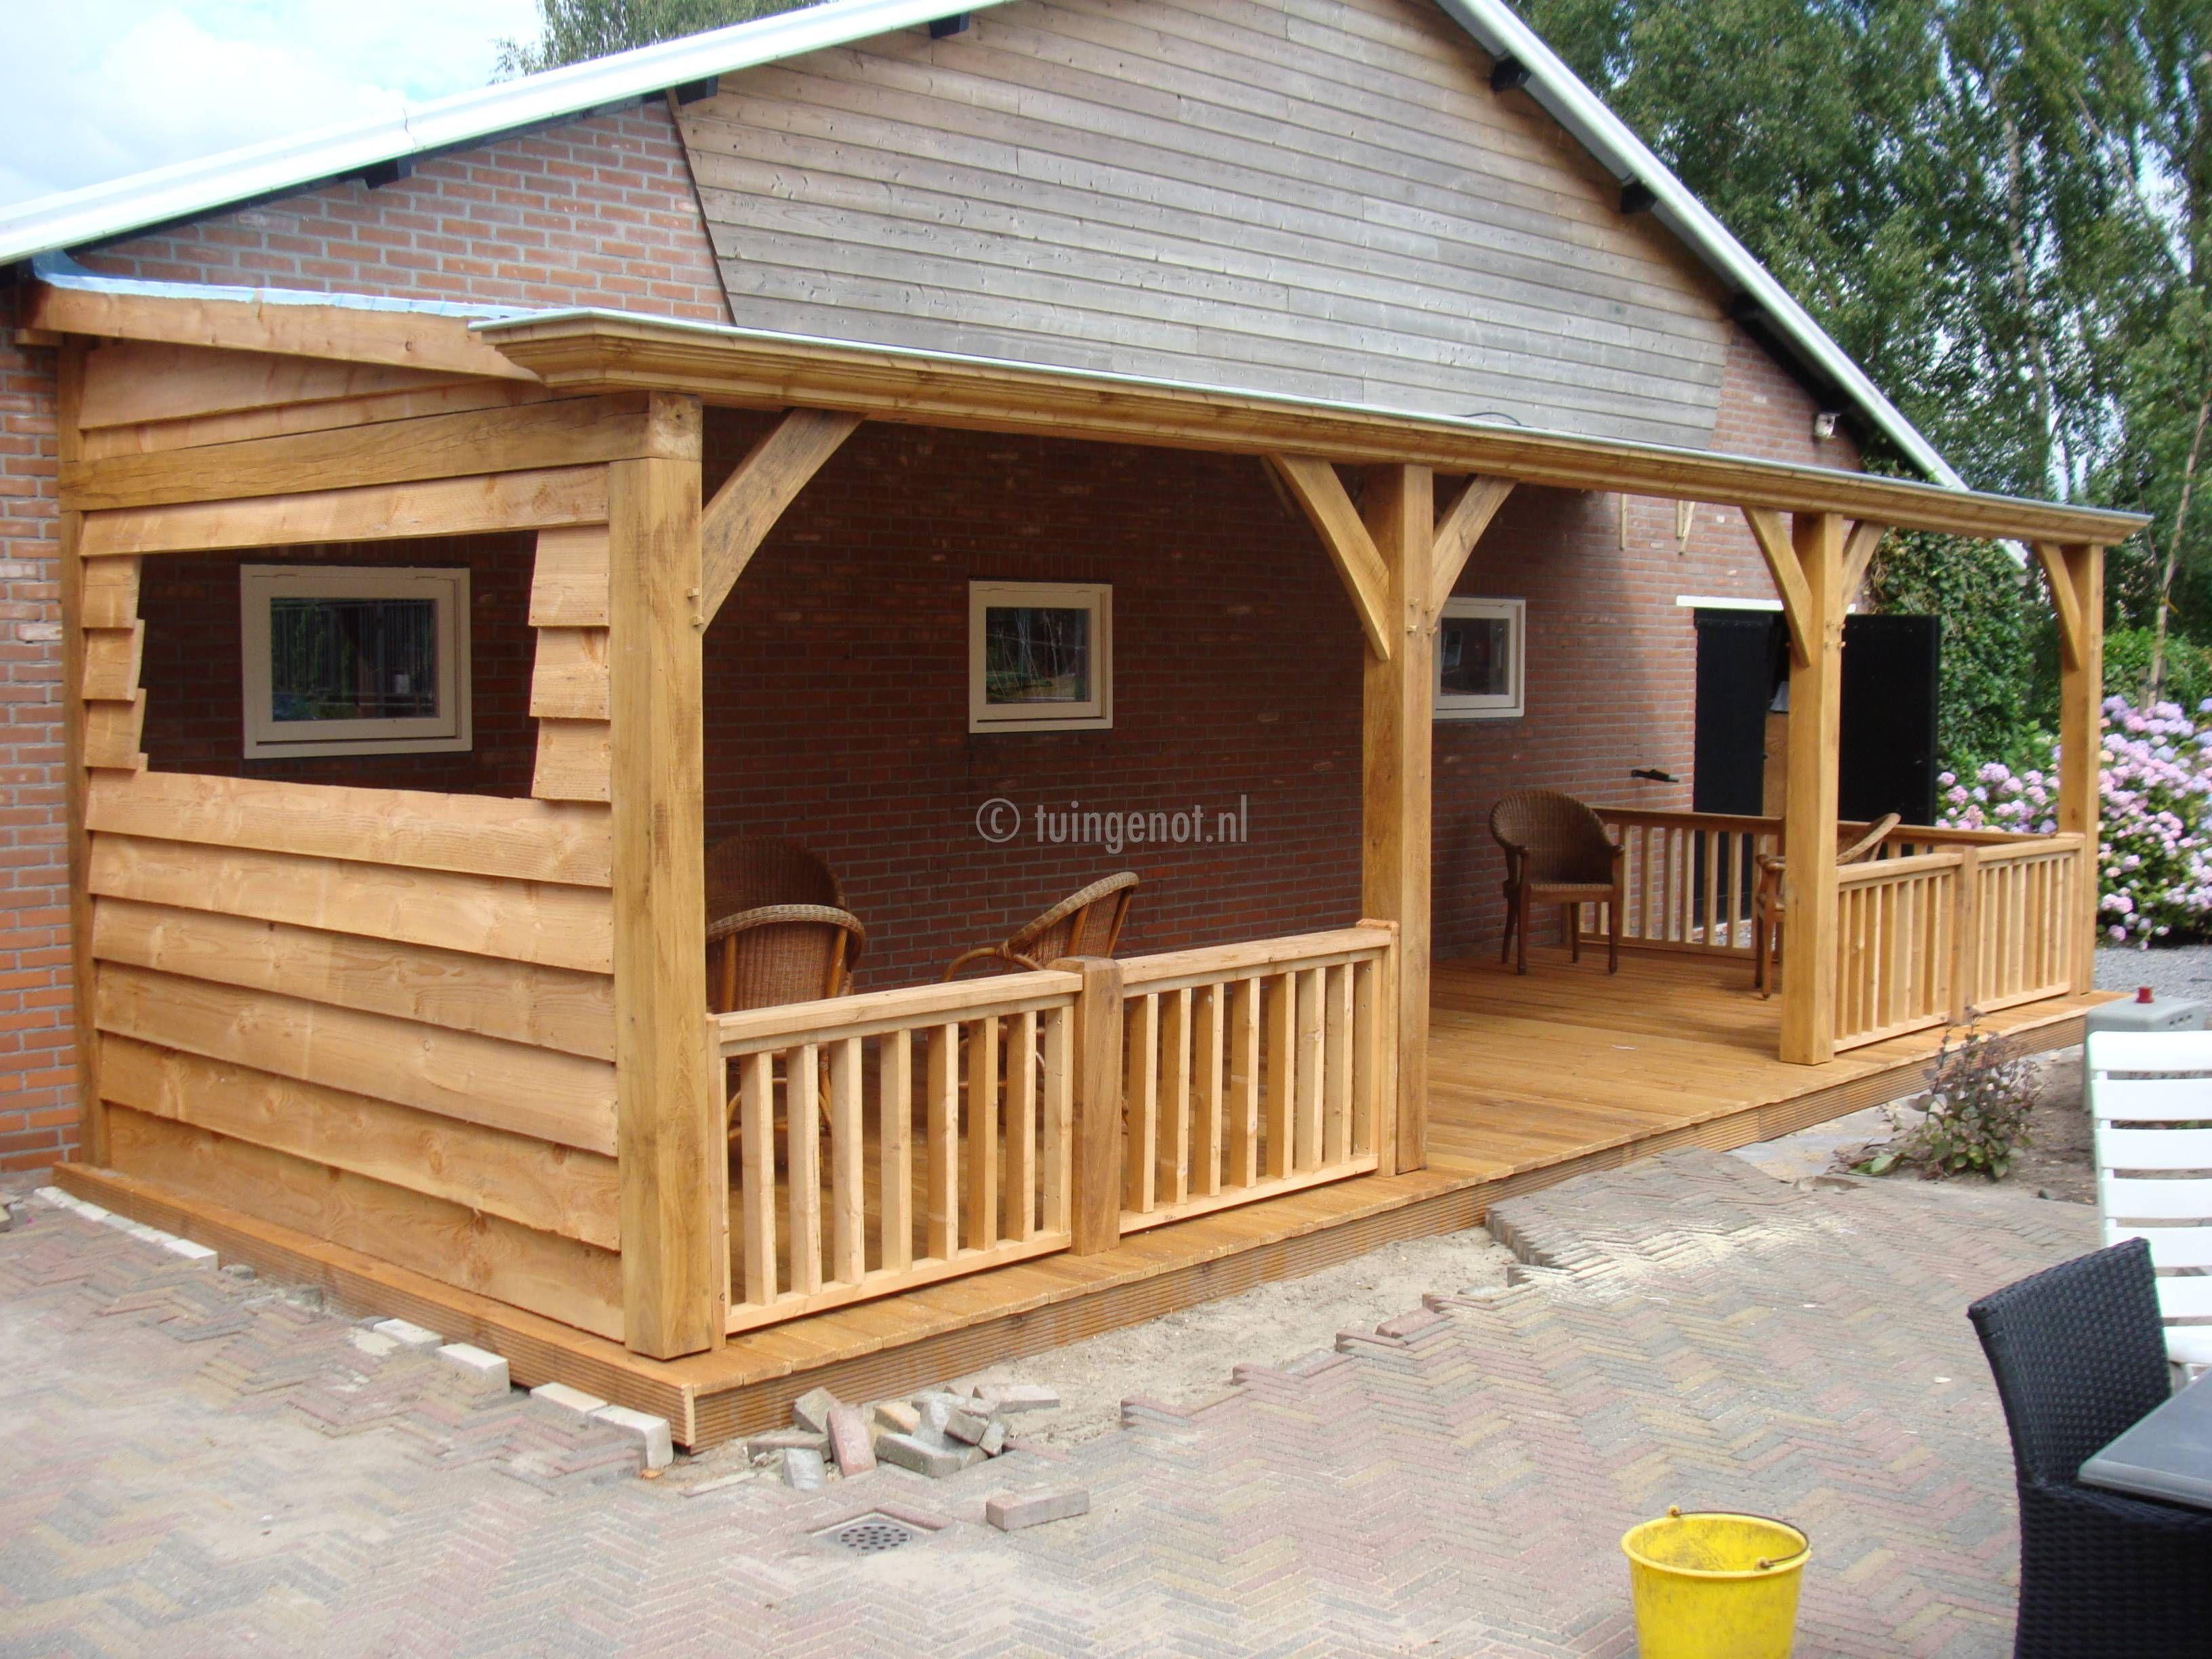 46 compleet luxe eiken houten veranda house plans - Maison jardin house plan villeurbanne ...